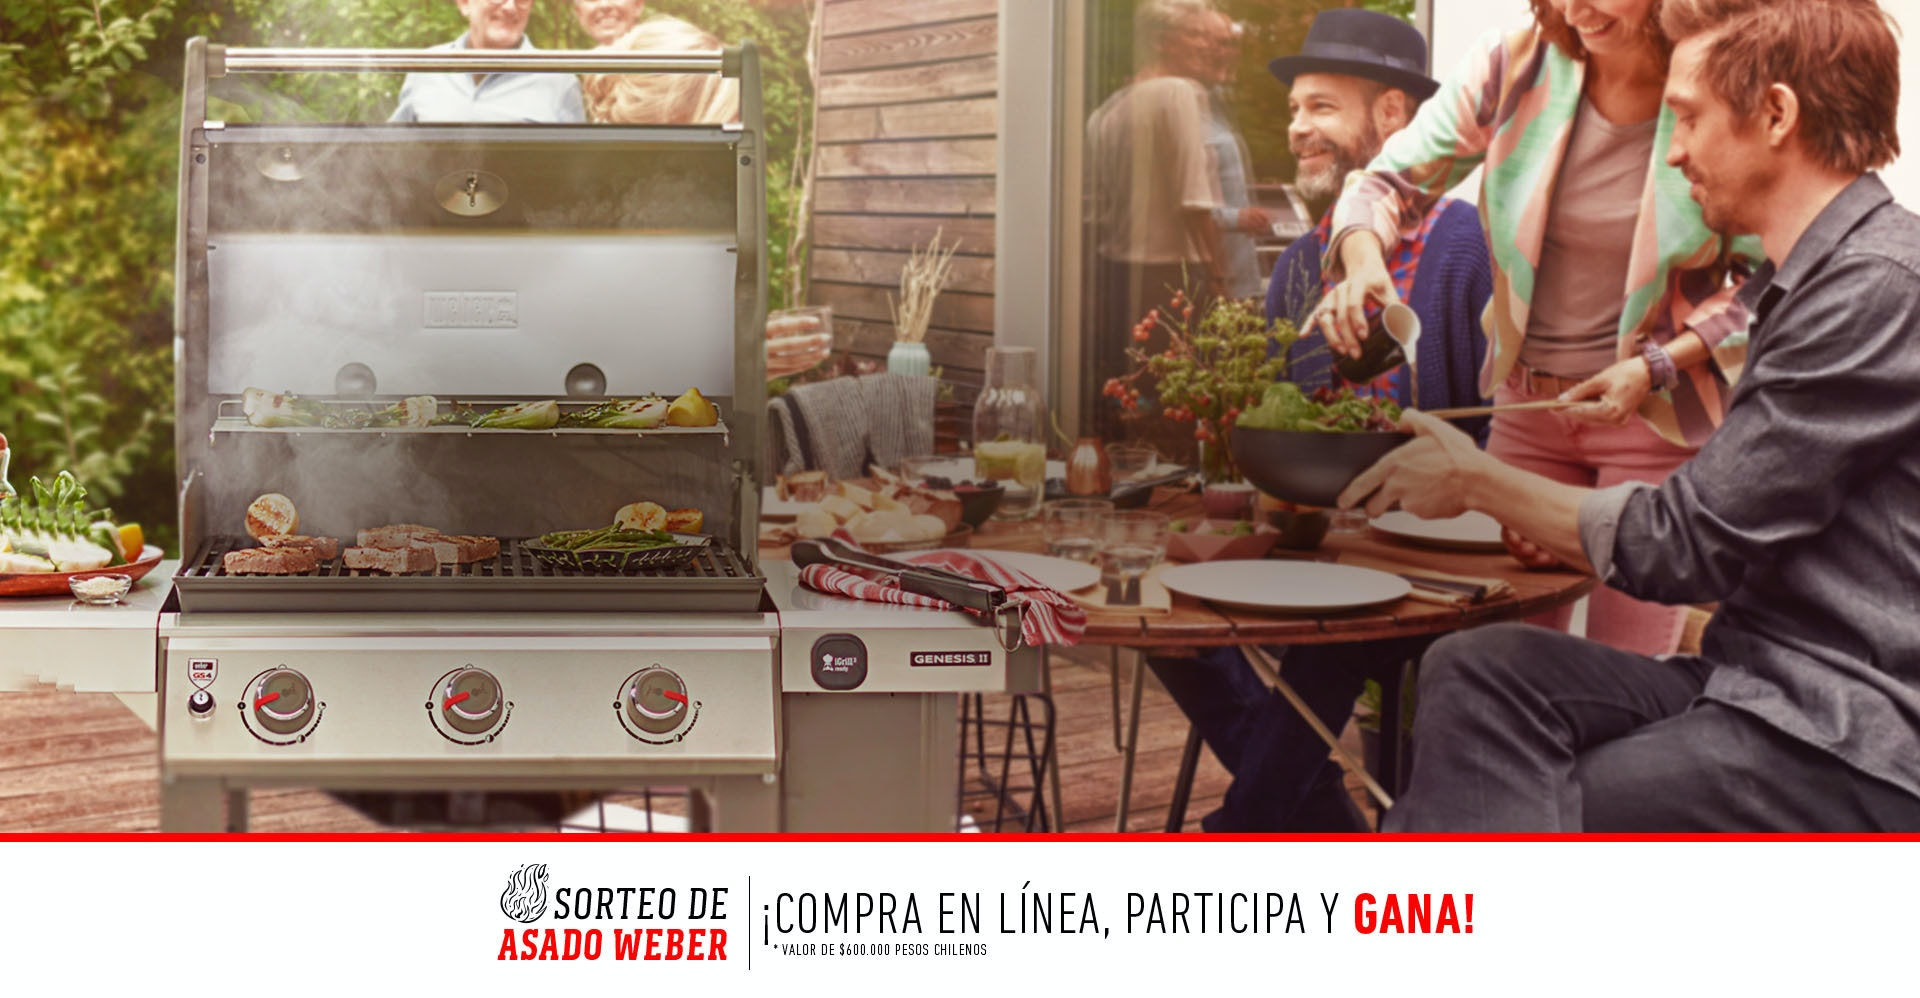 hasta 25% OFF en parrillas y accesorios 50% OFF al comprar dos clases  grill  Código: Santandernavidad2019